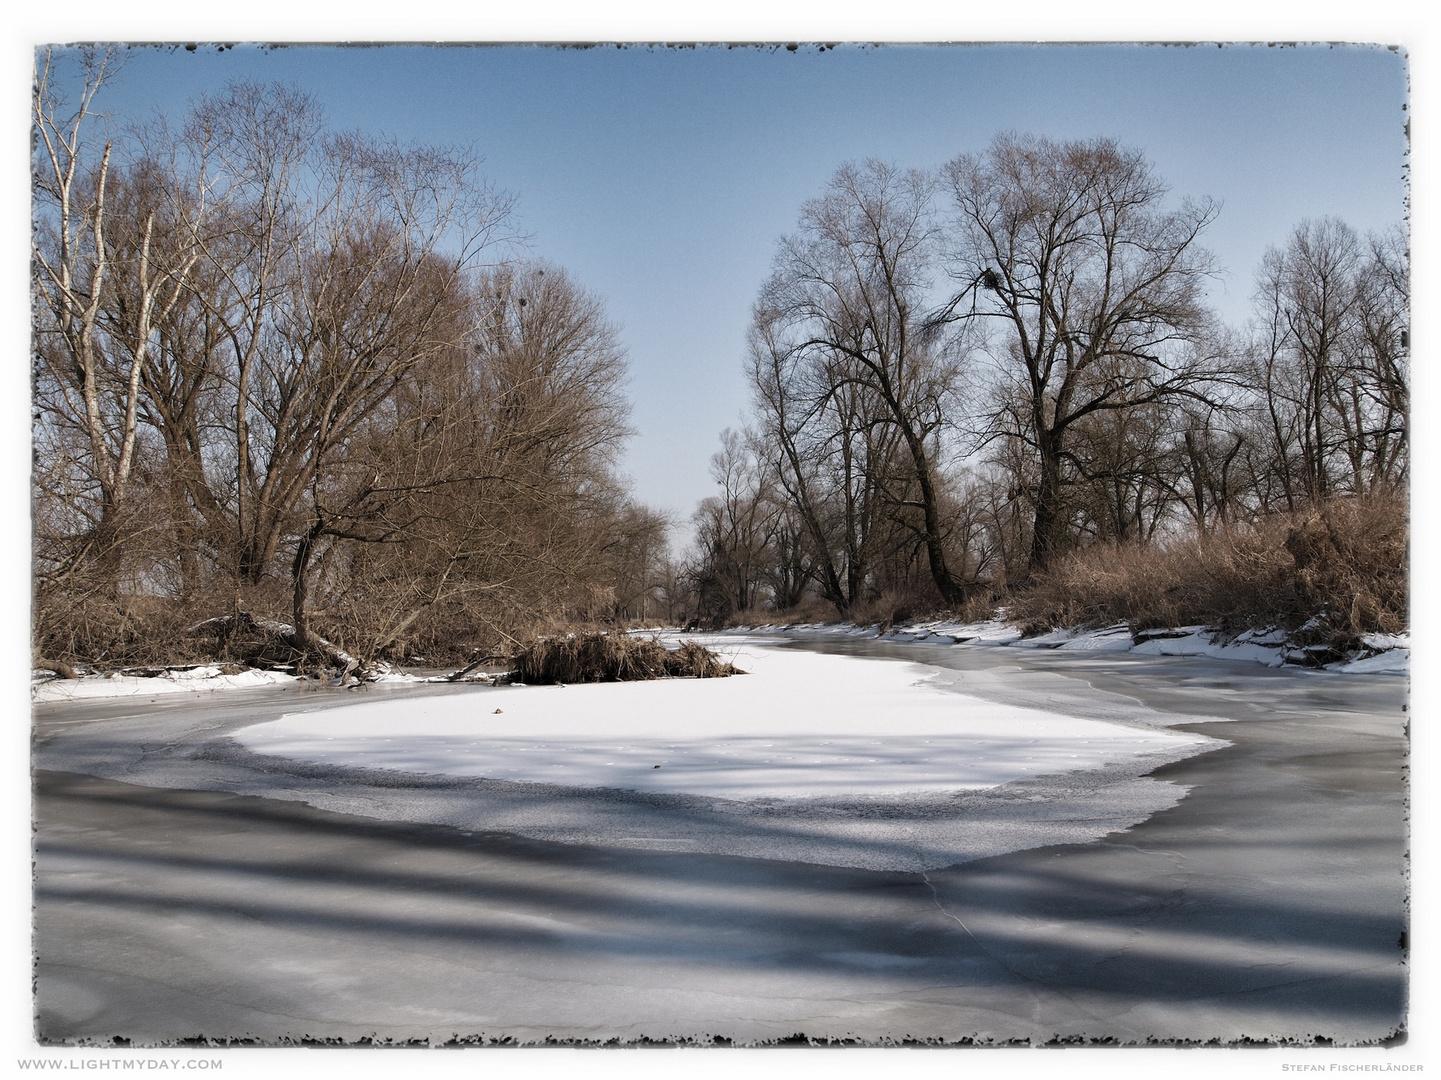 Donaualtwasser im Winter